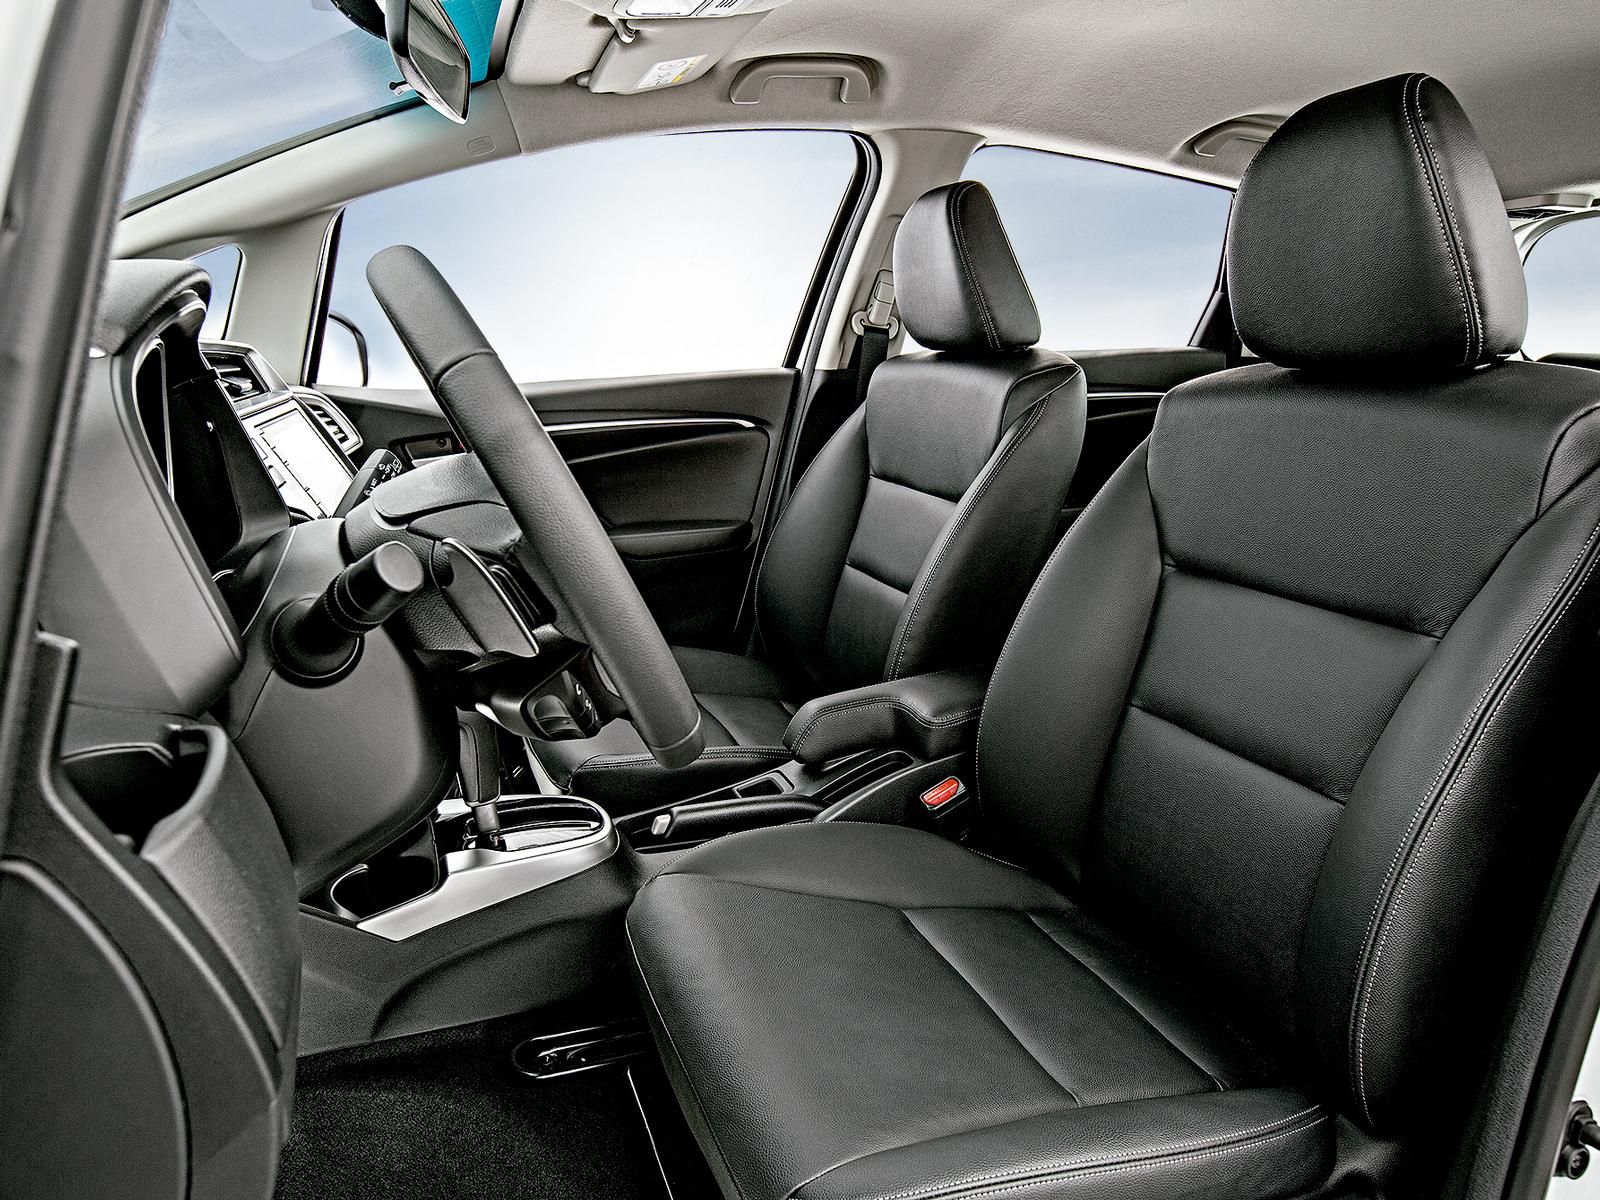 Motoristas mais atentos perceberão o fim do efeito quadro a quadro quando o volante é ajustado